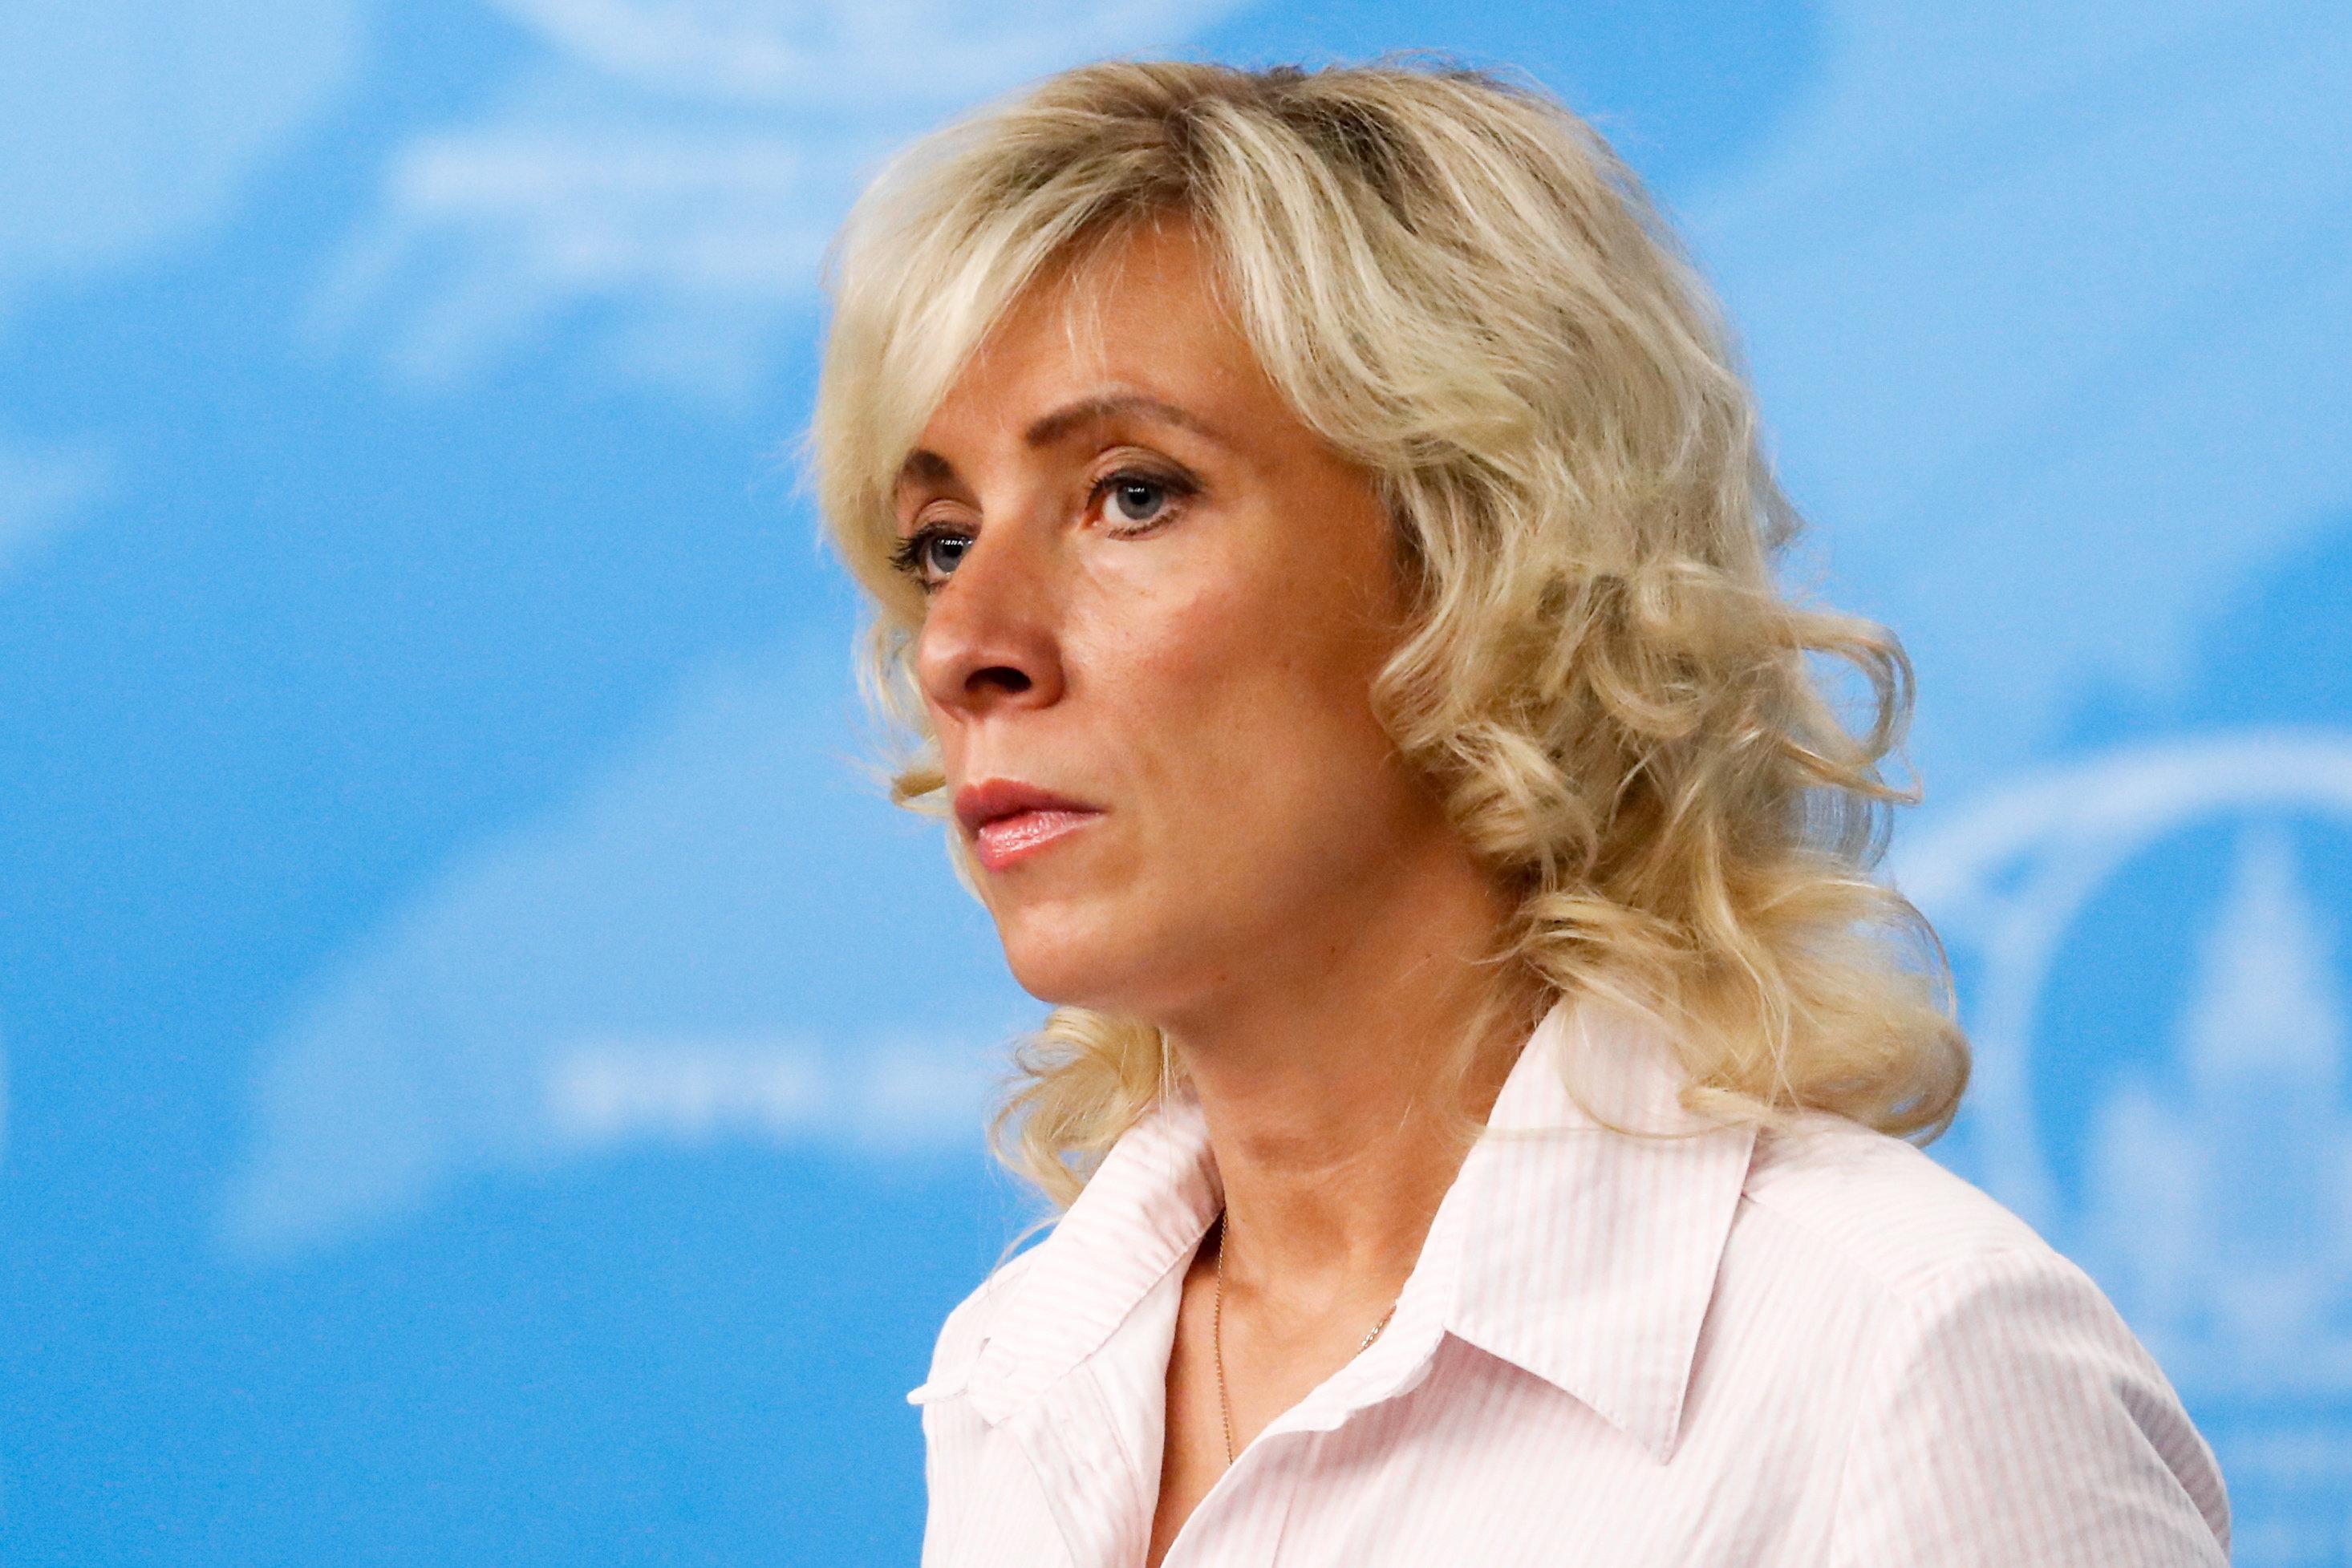 Ρωσικό ΥΠΕΞ: Θα υπάρξουν συνέπειες για την απέλαση των ρώσων διπλωματών από την Ελλάδα